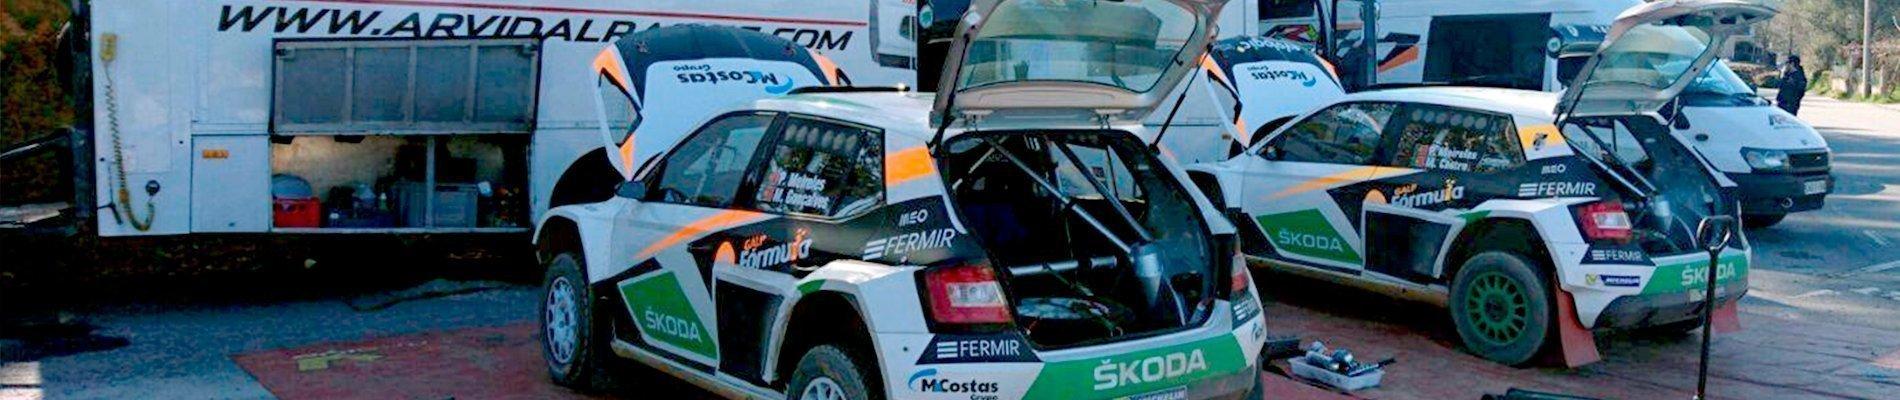 Reparación Skoda Fabia R5